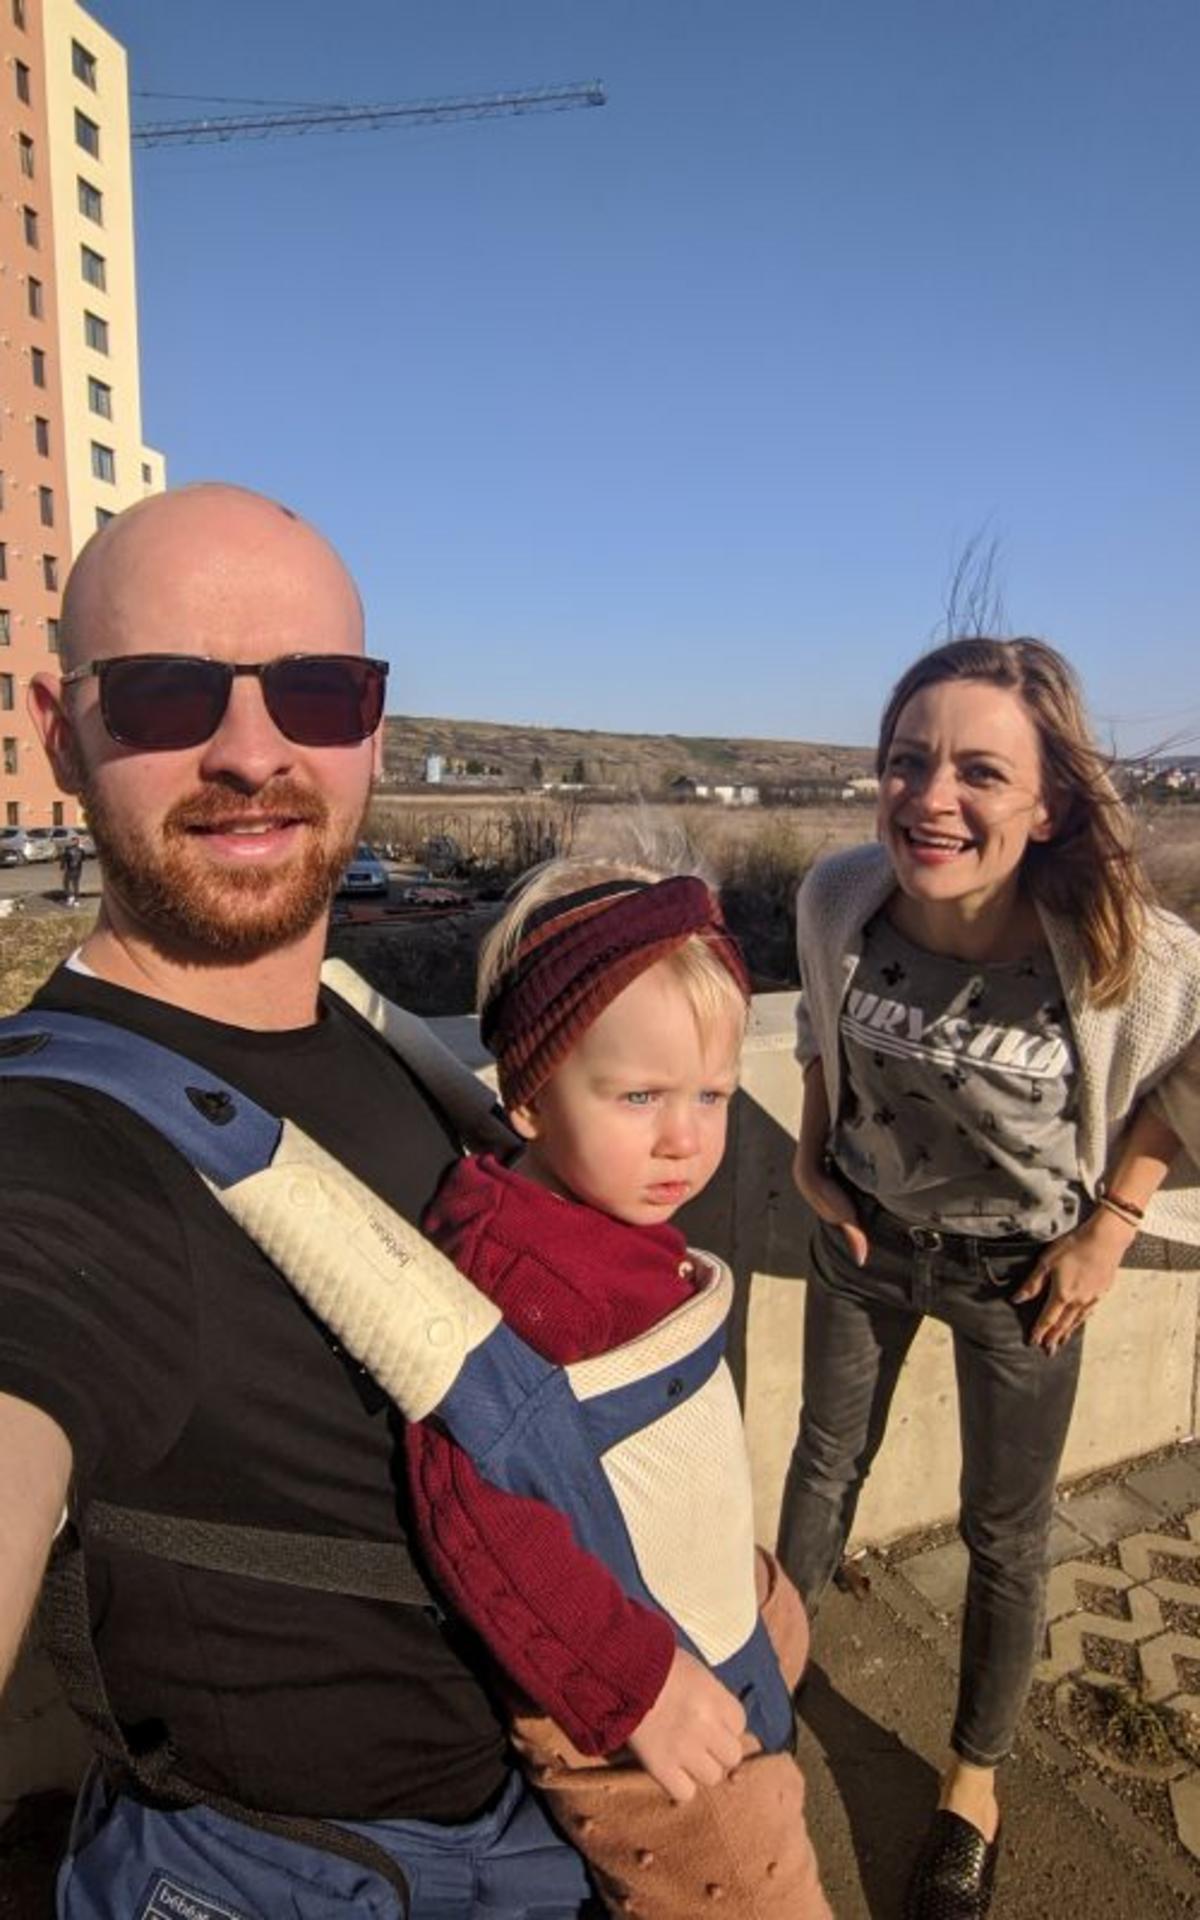 Η Ντομίνικα, ο σύζυγός της Ραντού και η κόρη τους Αμέλια περνούν χρόνο έξω